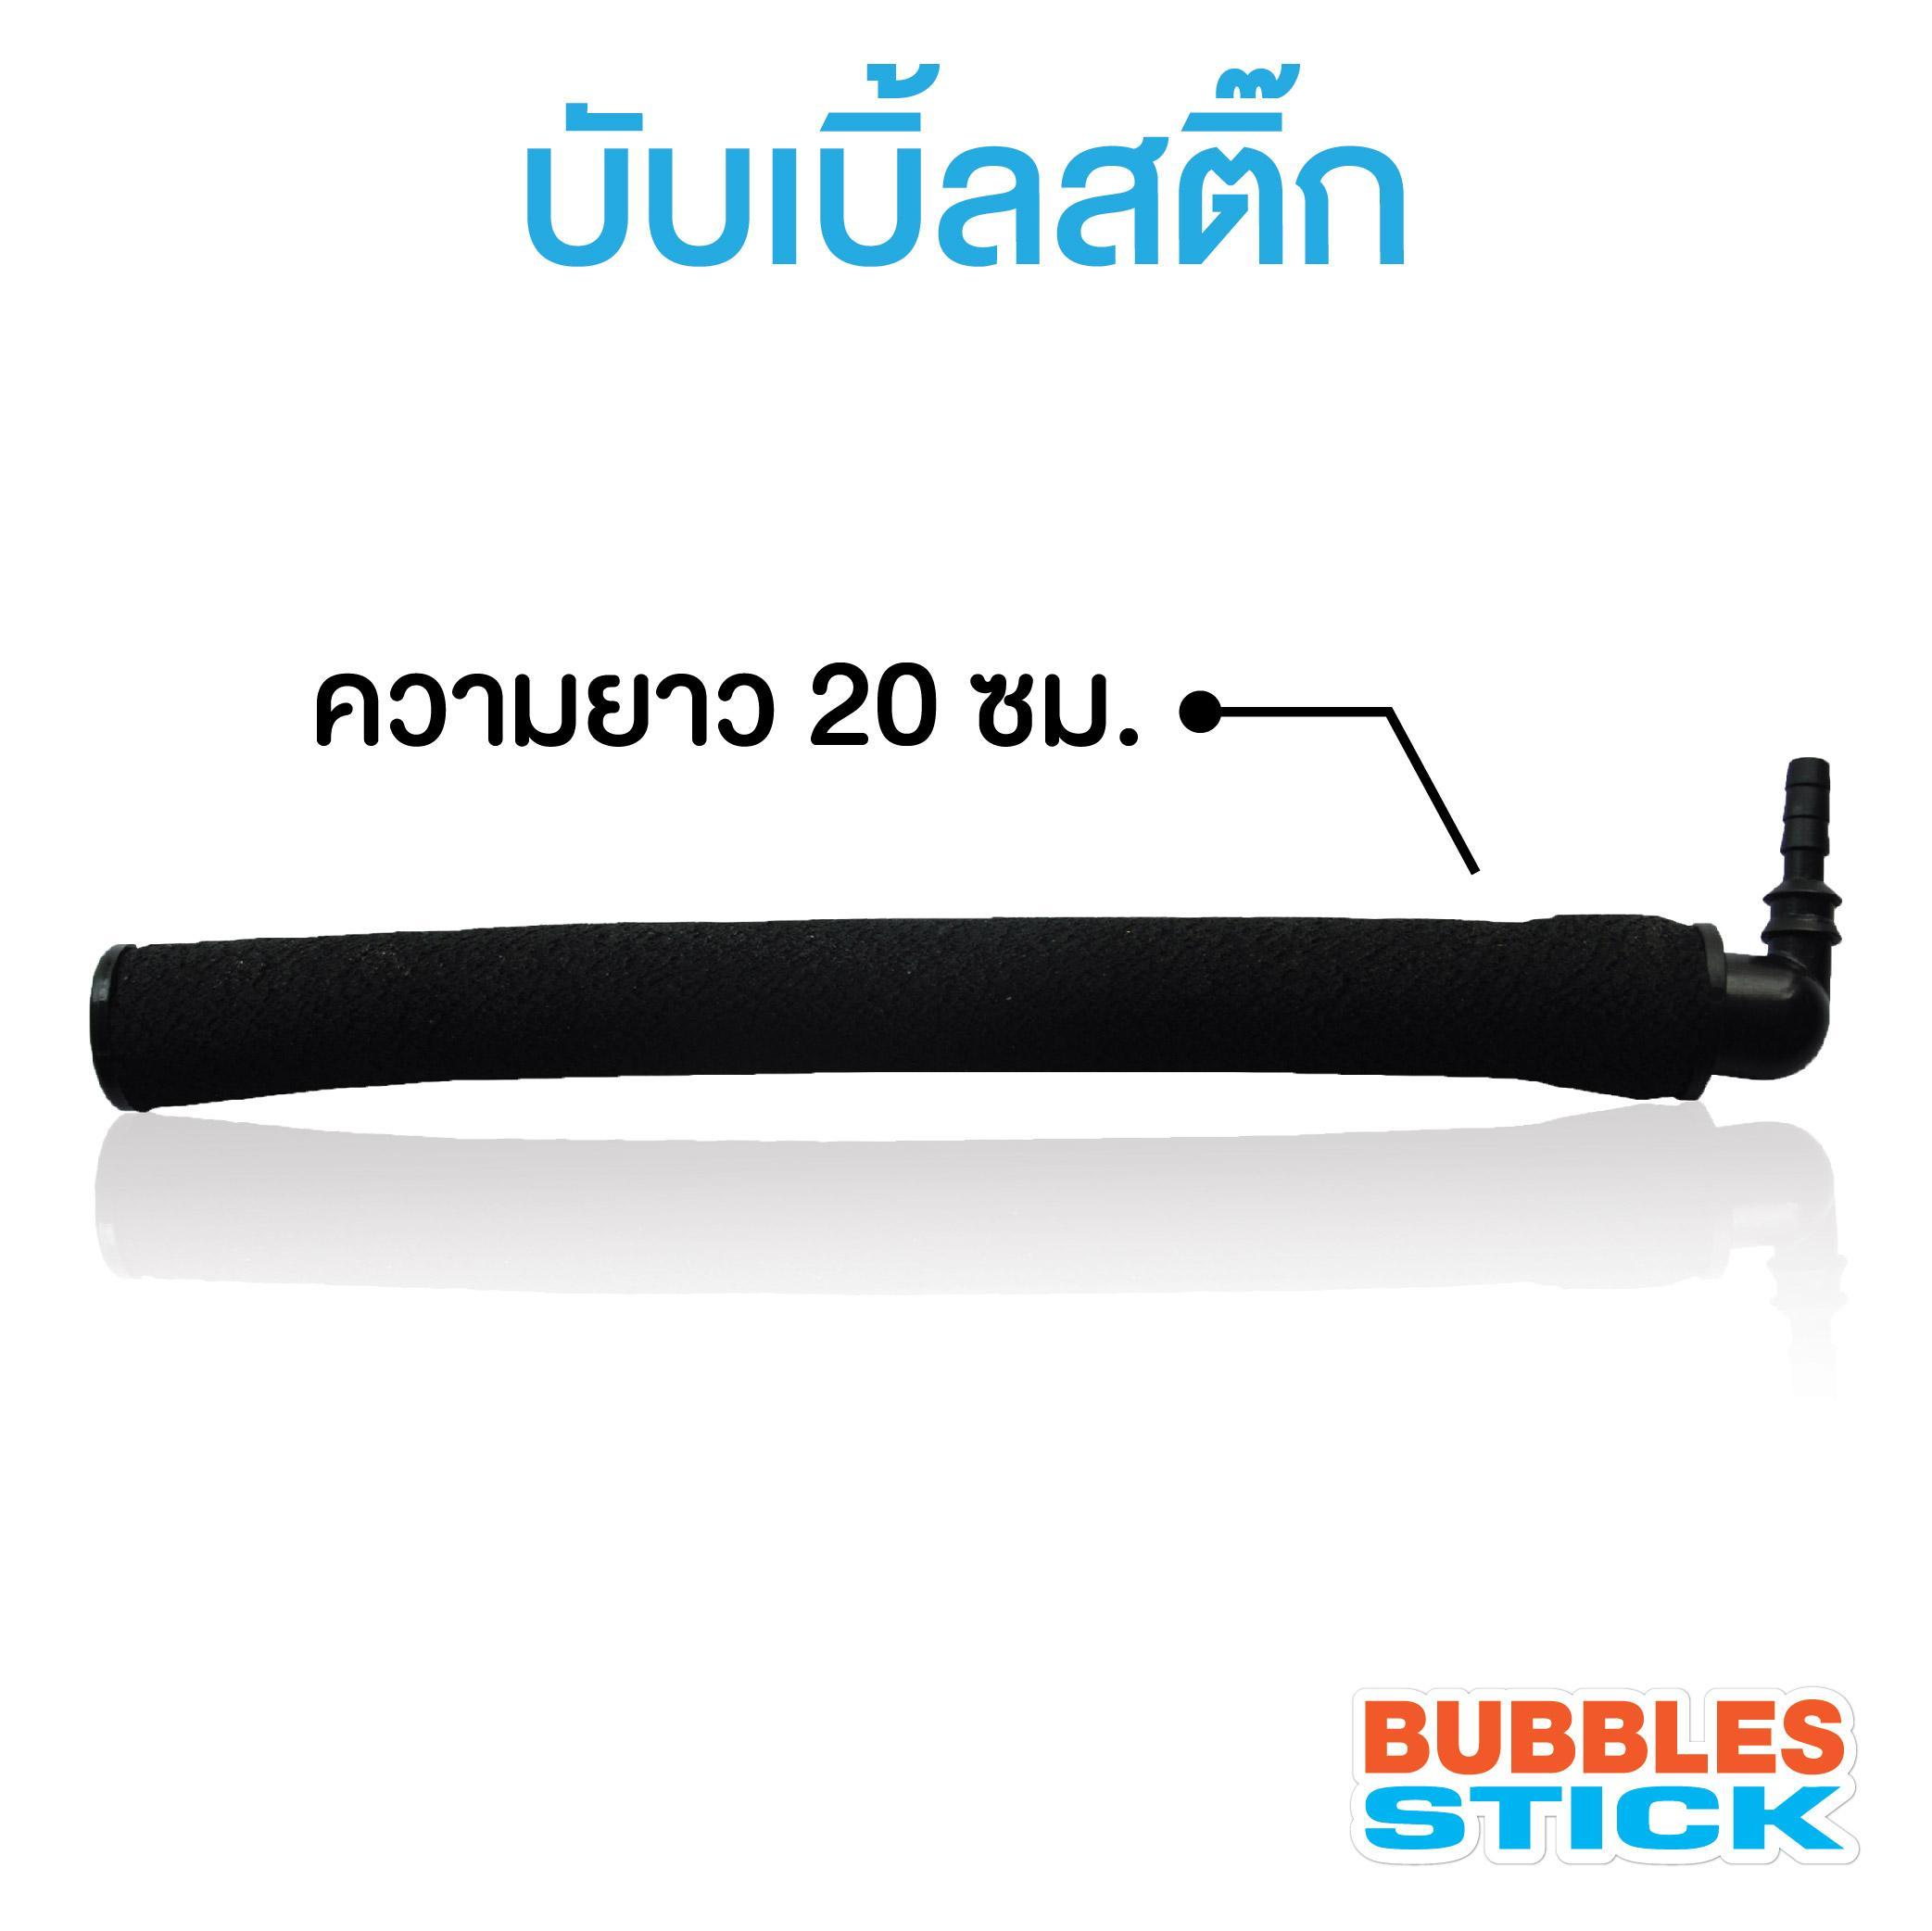 แท่งเติมอากาศบับเบิ้ลสติ๊ก แบบมีสแตนเลสถ่วง (Bubbles Stick)